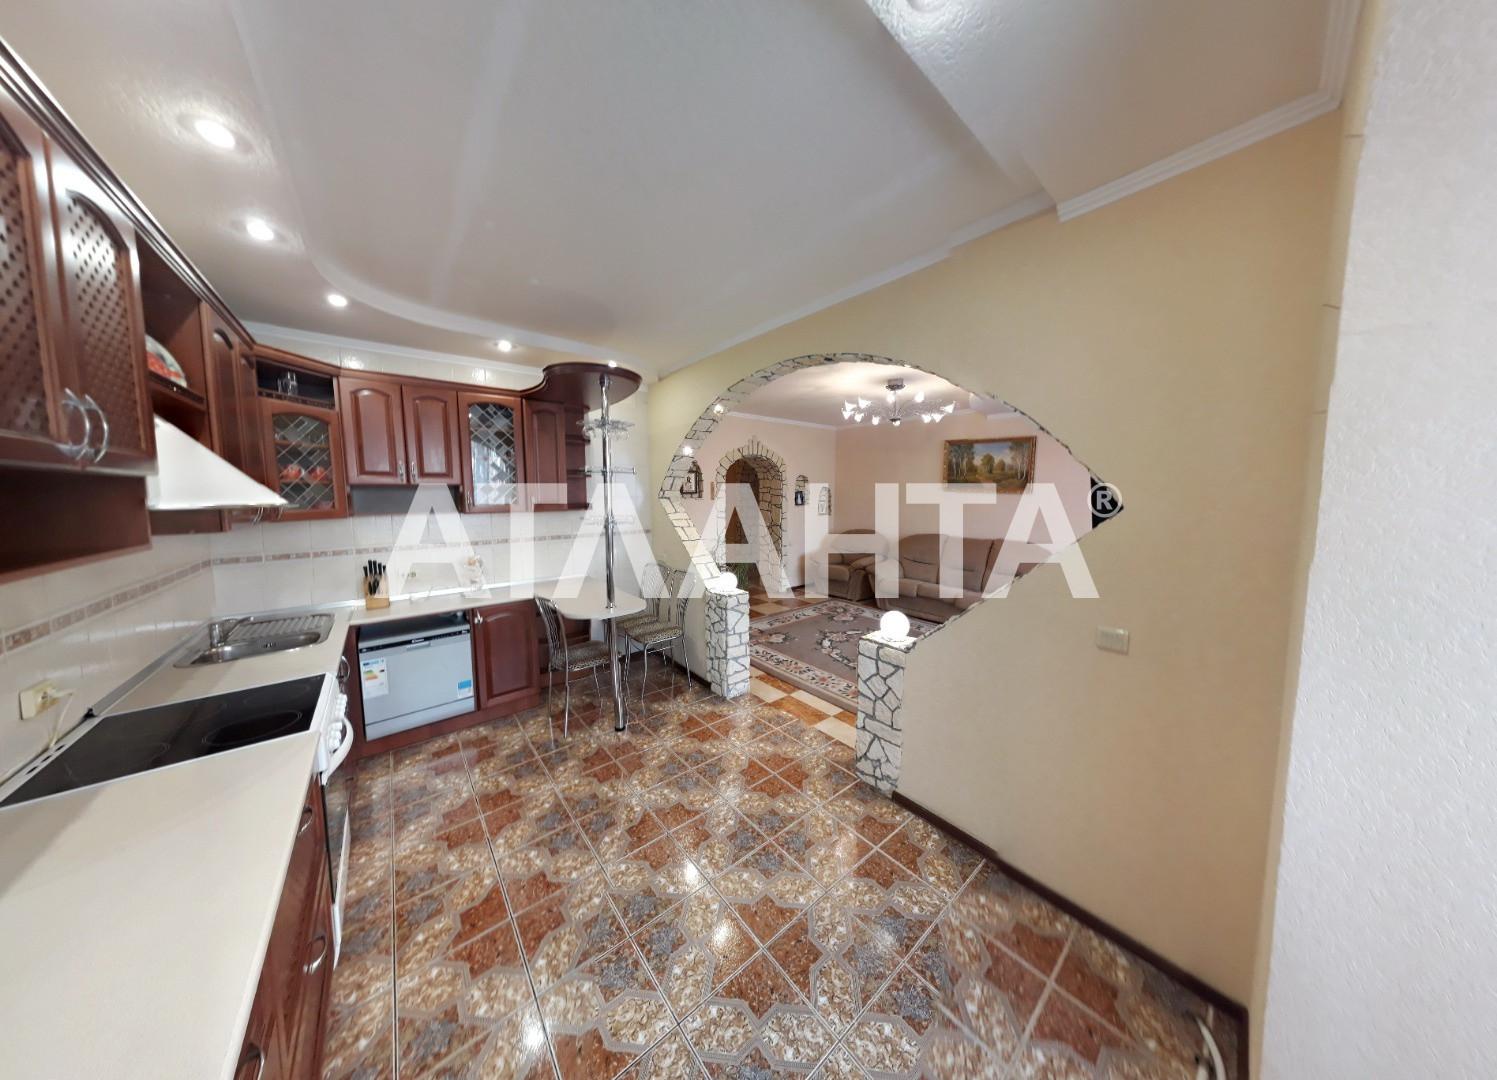 Продается 3-комнатная Квартира на ул. Ул. Вильямса — 90 000 у.е. (фото №7)